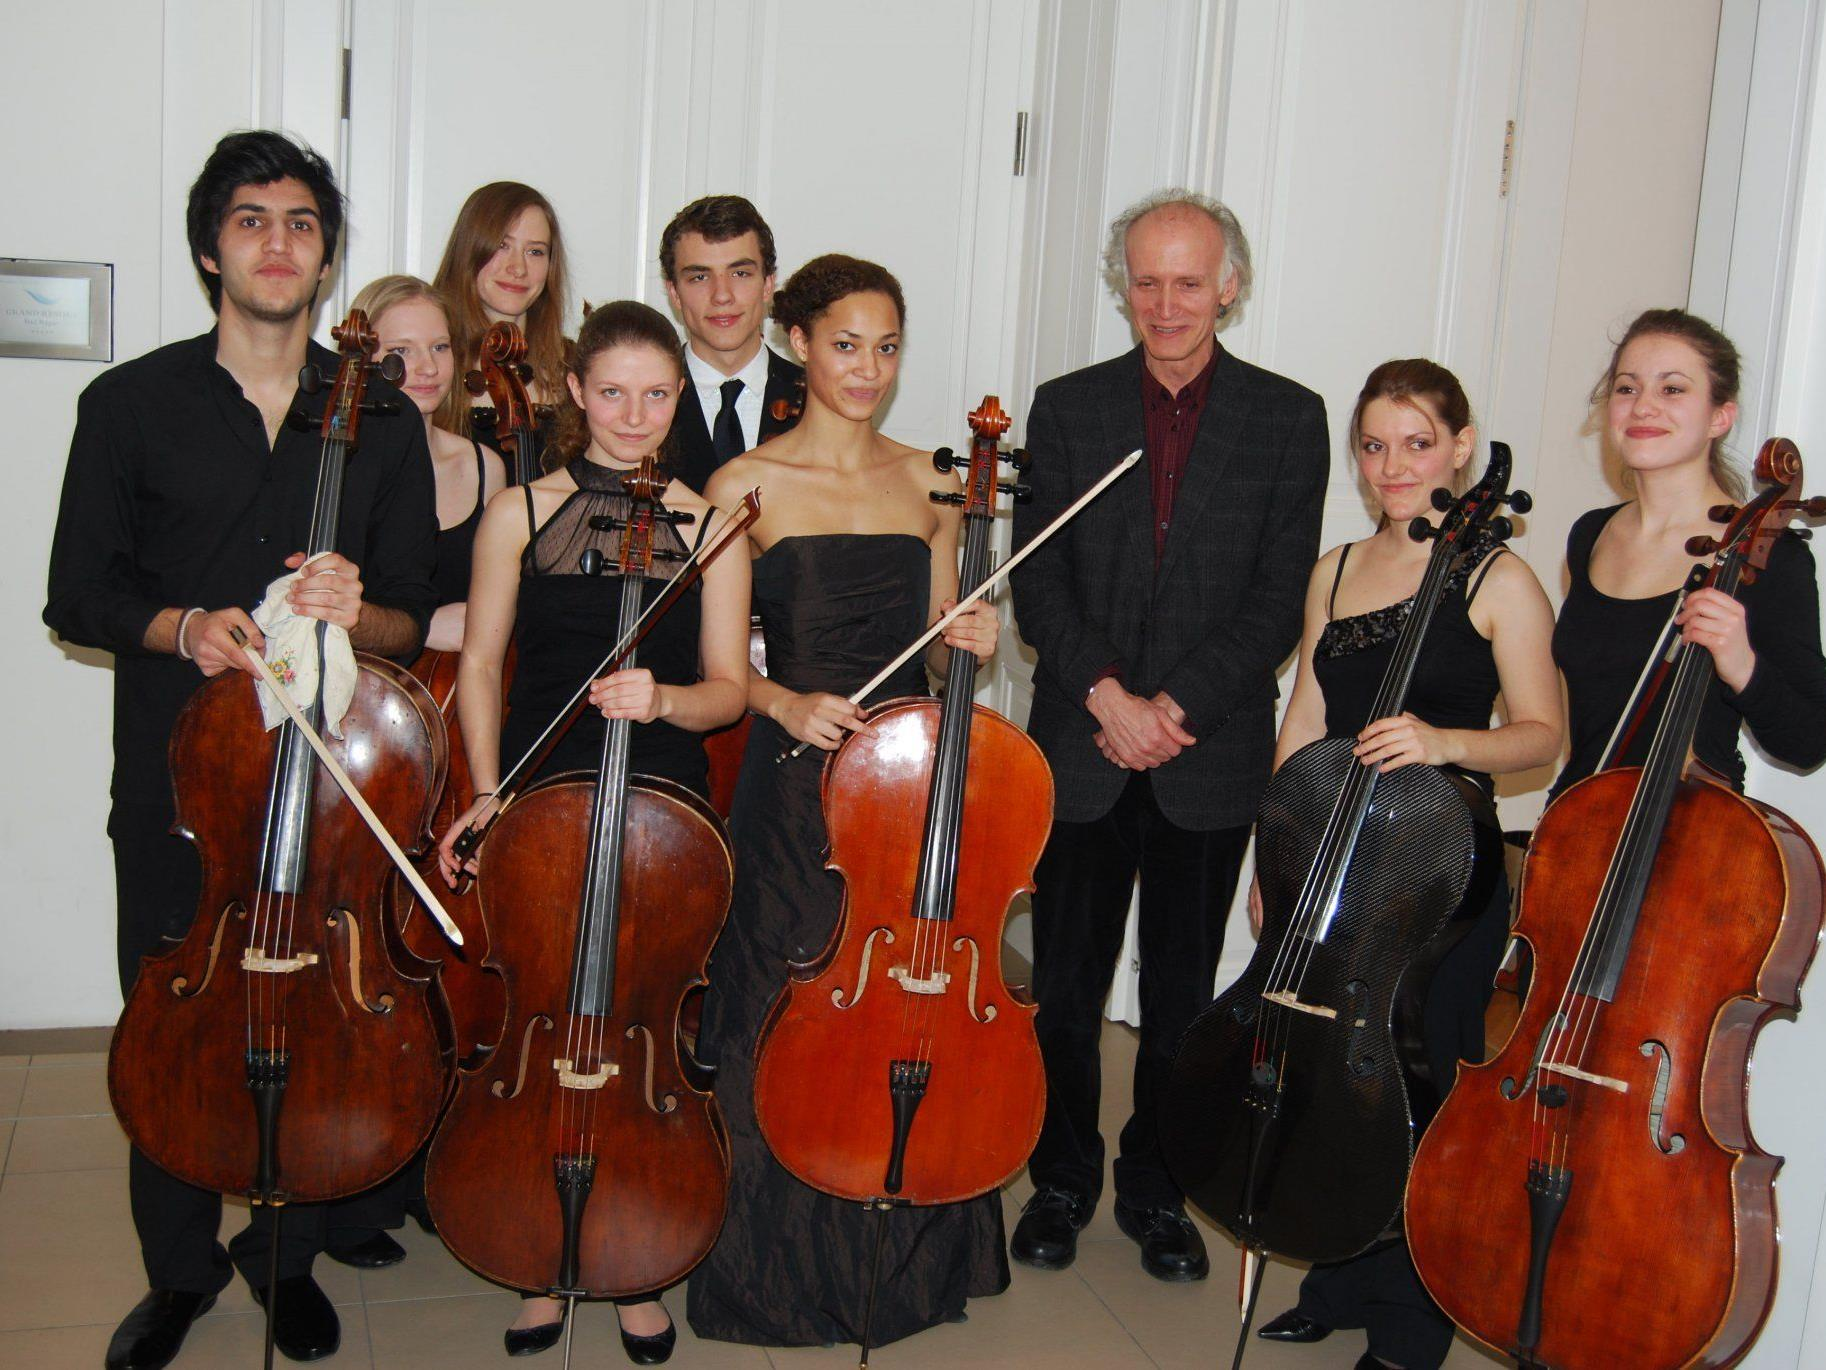 Das jugendliche Cello-Ensemble mit Kian Soltani (links) nach der Matinee am Samstag.